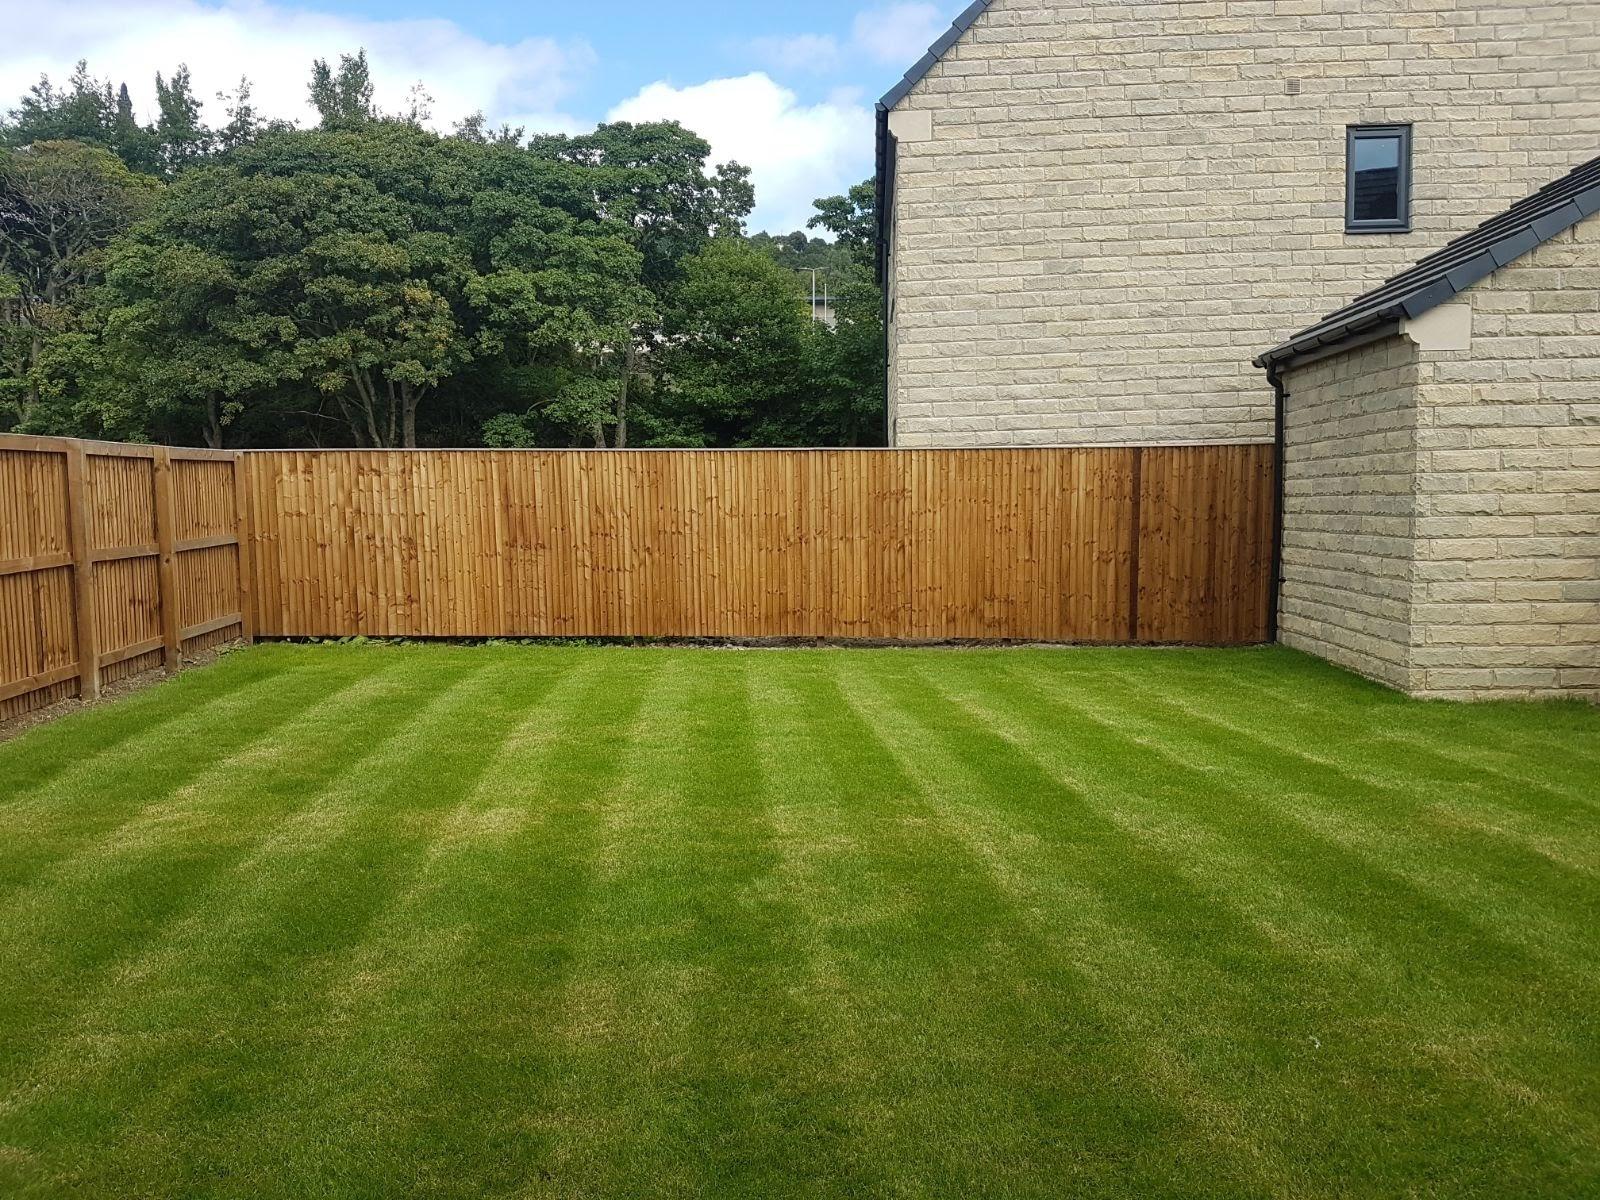 https://0201.nccdn.net/1_2/000/000/187/123/Garden-cut-and-clean-up-1600x1200.jpg